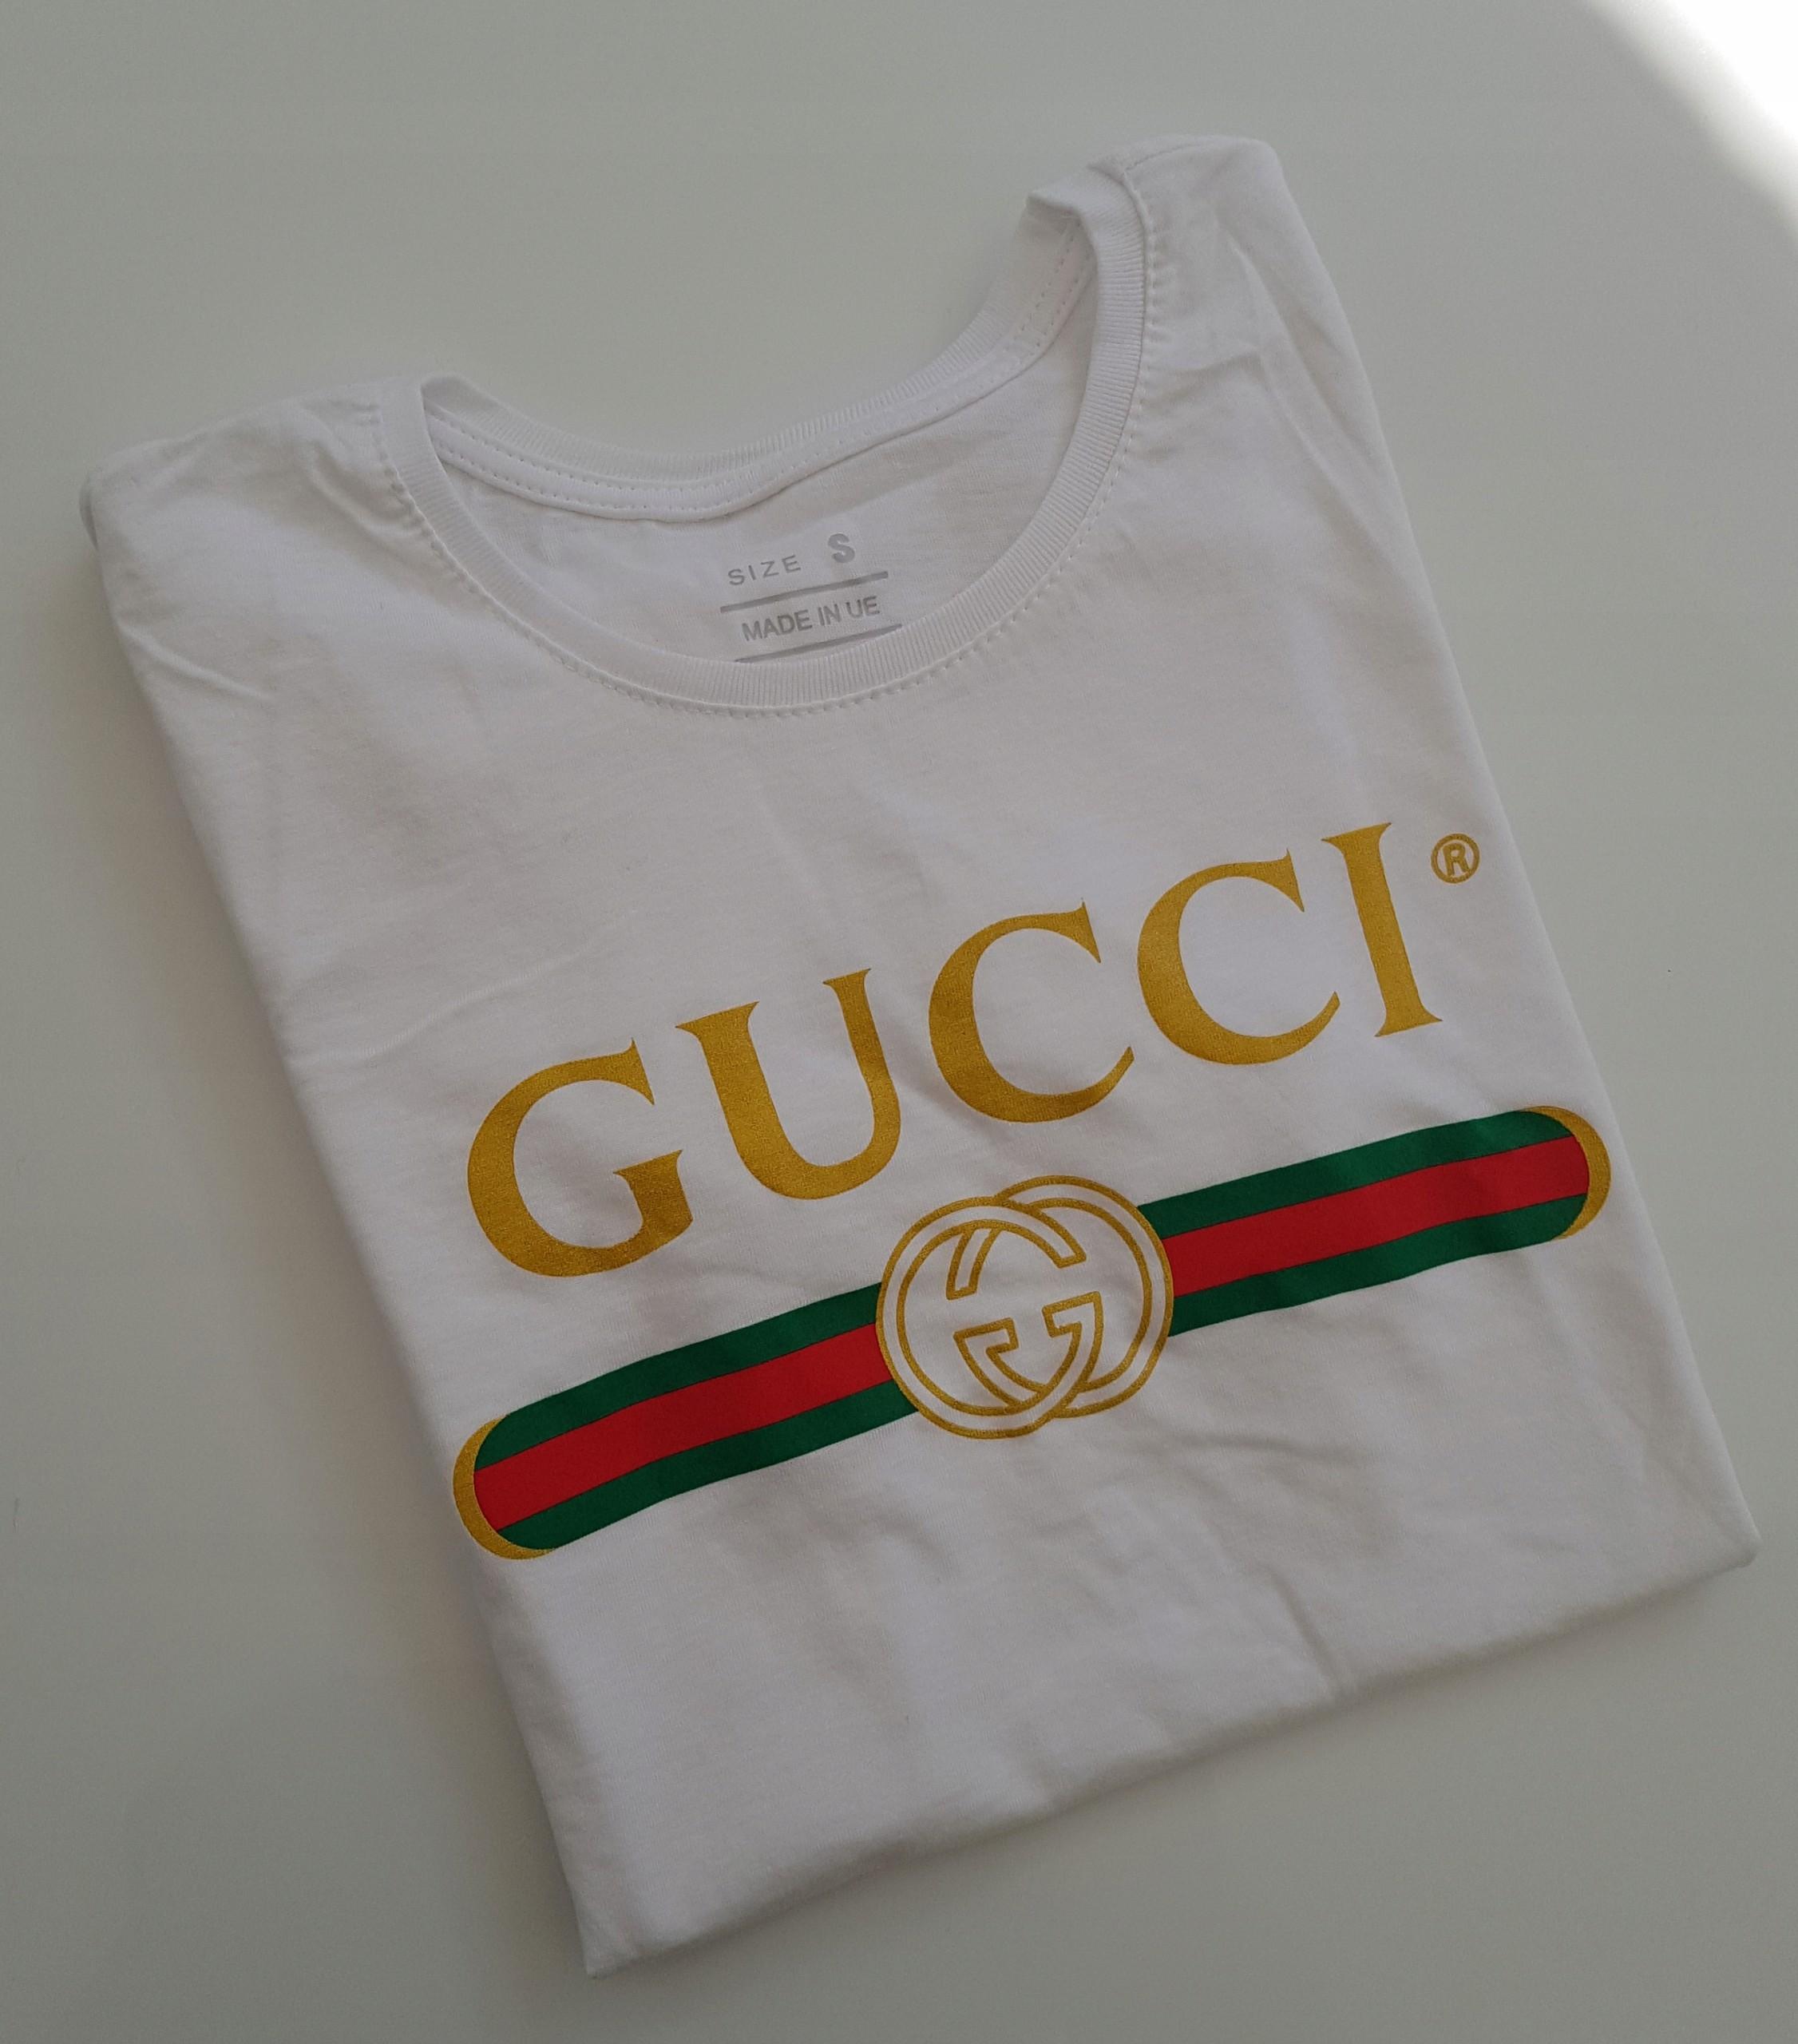 d28917f63c63c T-shirt koszulka bluzka Gucci biała S hit 2018 - 7425402981 ...